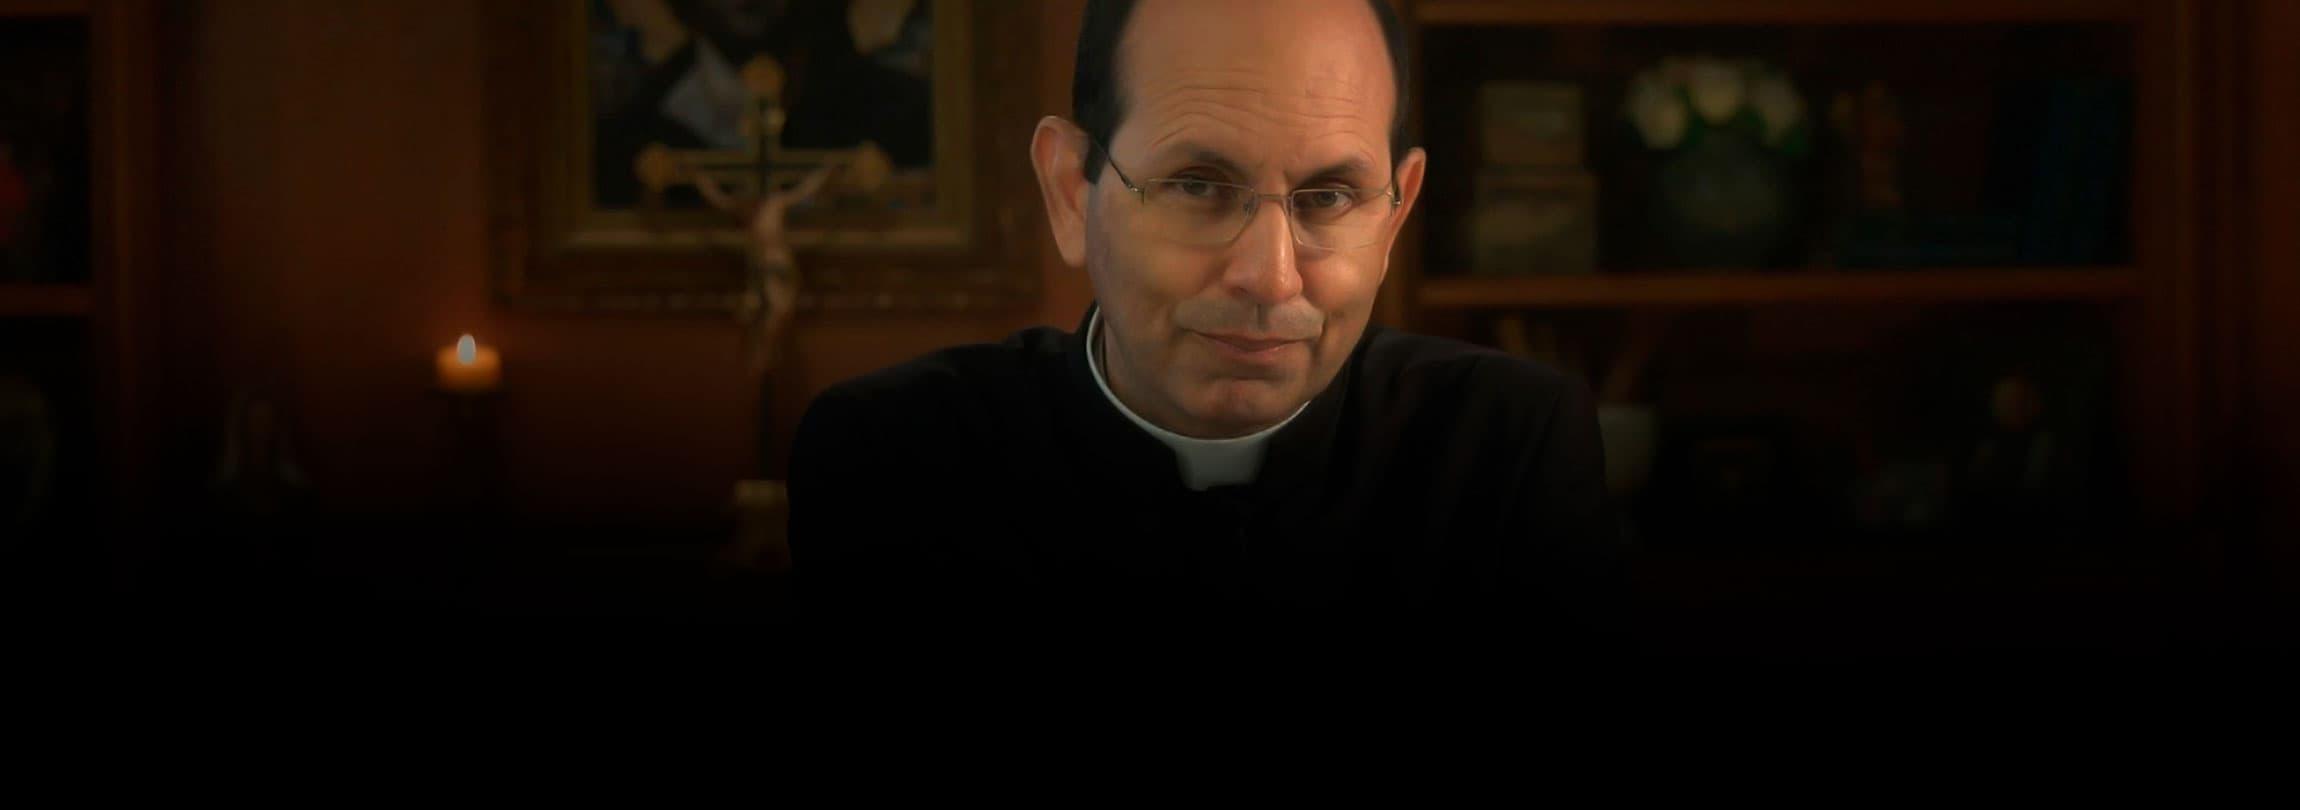 Uma oração para o aniversário do Padre Paulo Ricardo